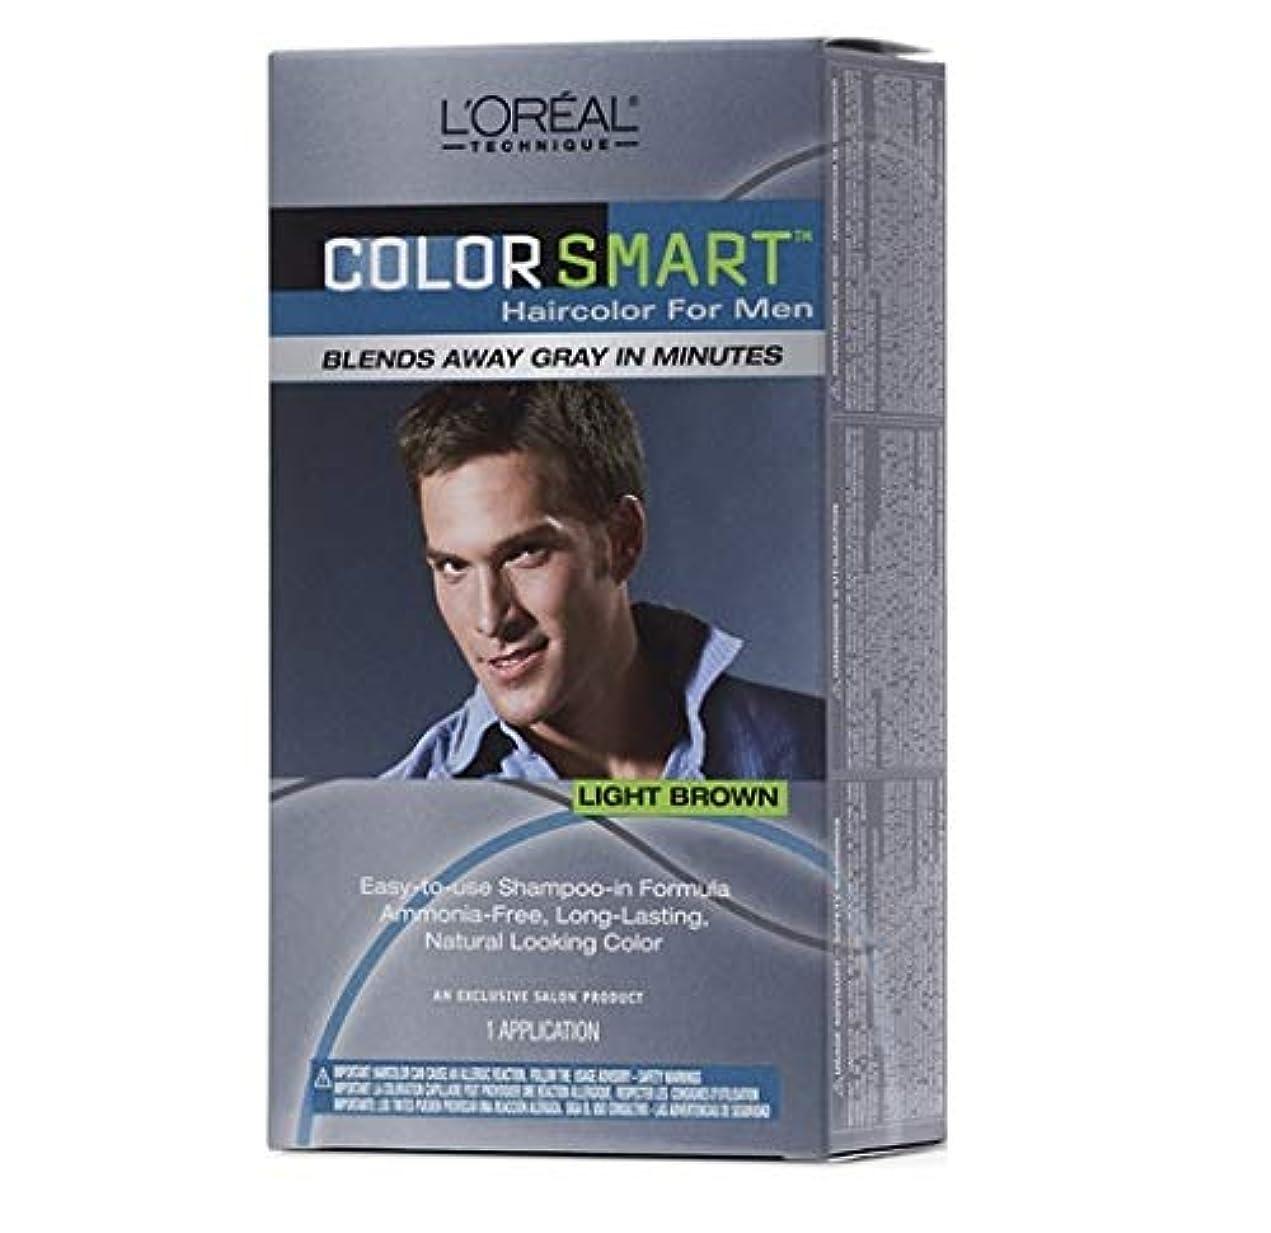 キャンドル田舎放棄されたL'Oreal Technique - Color Smart for Men - Light Brown KIT